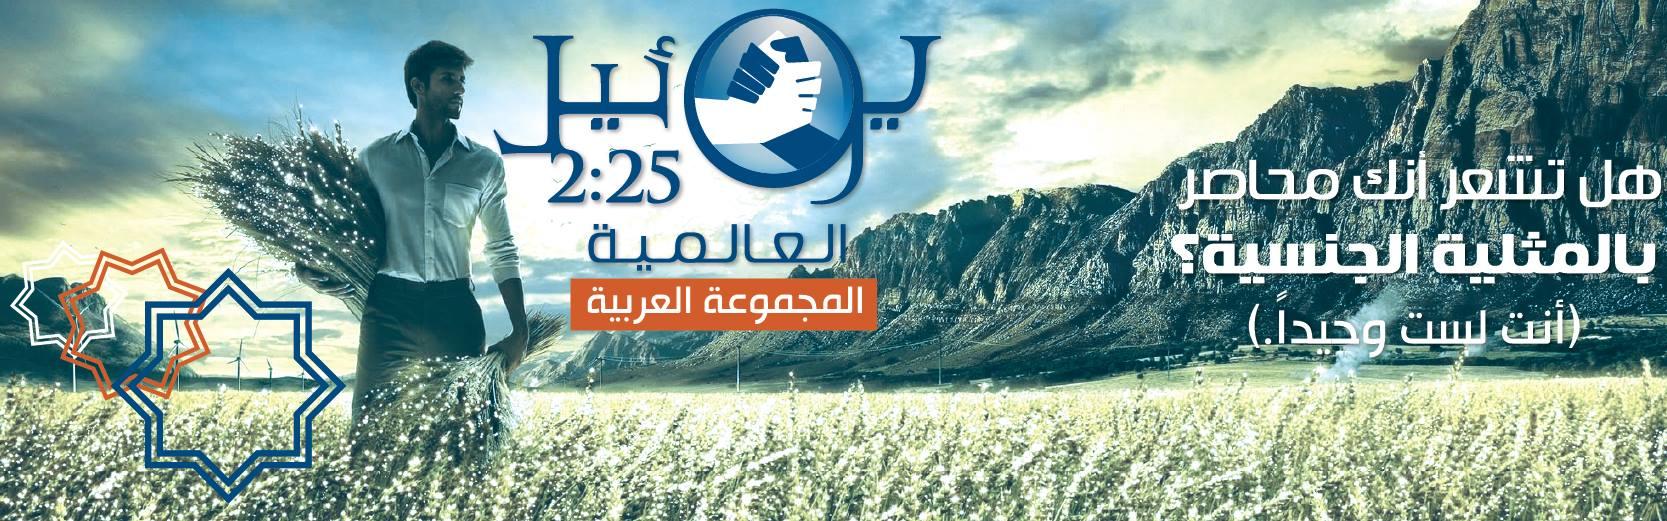 a-logo-banner.jpg